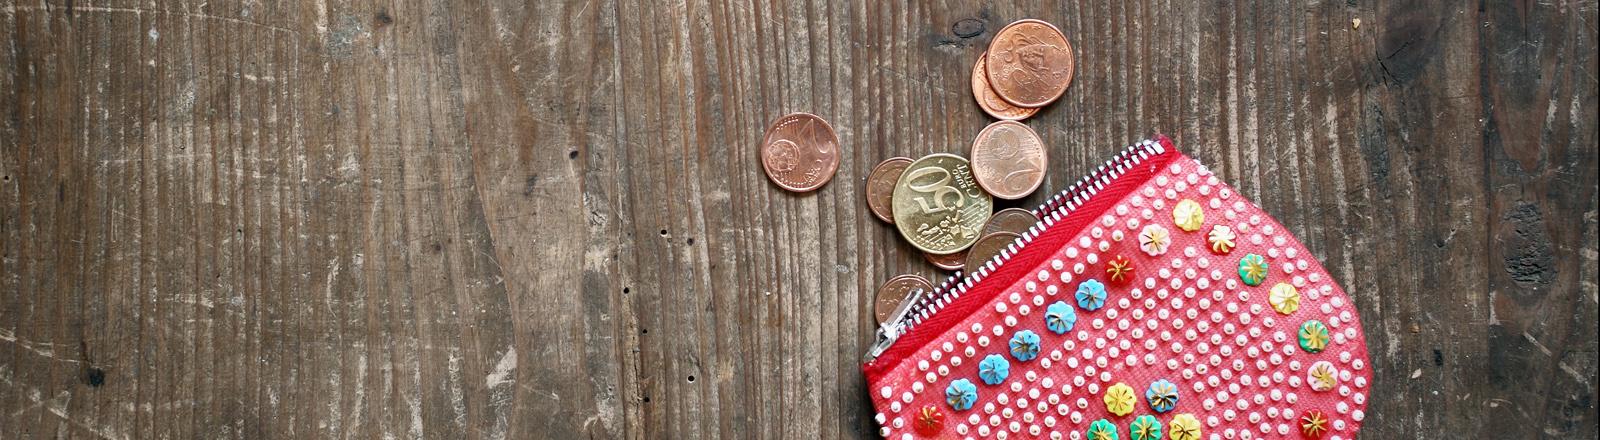 Bunte Geldbörse aus der Kleingeld heraus gefallen ist.